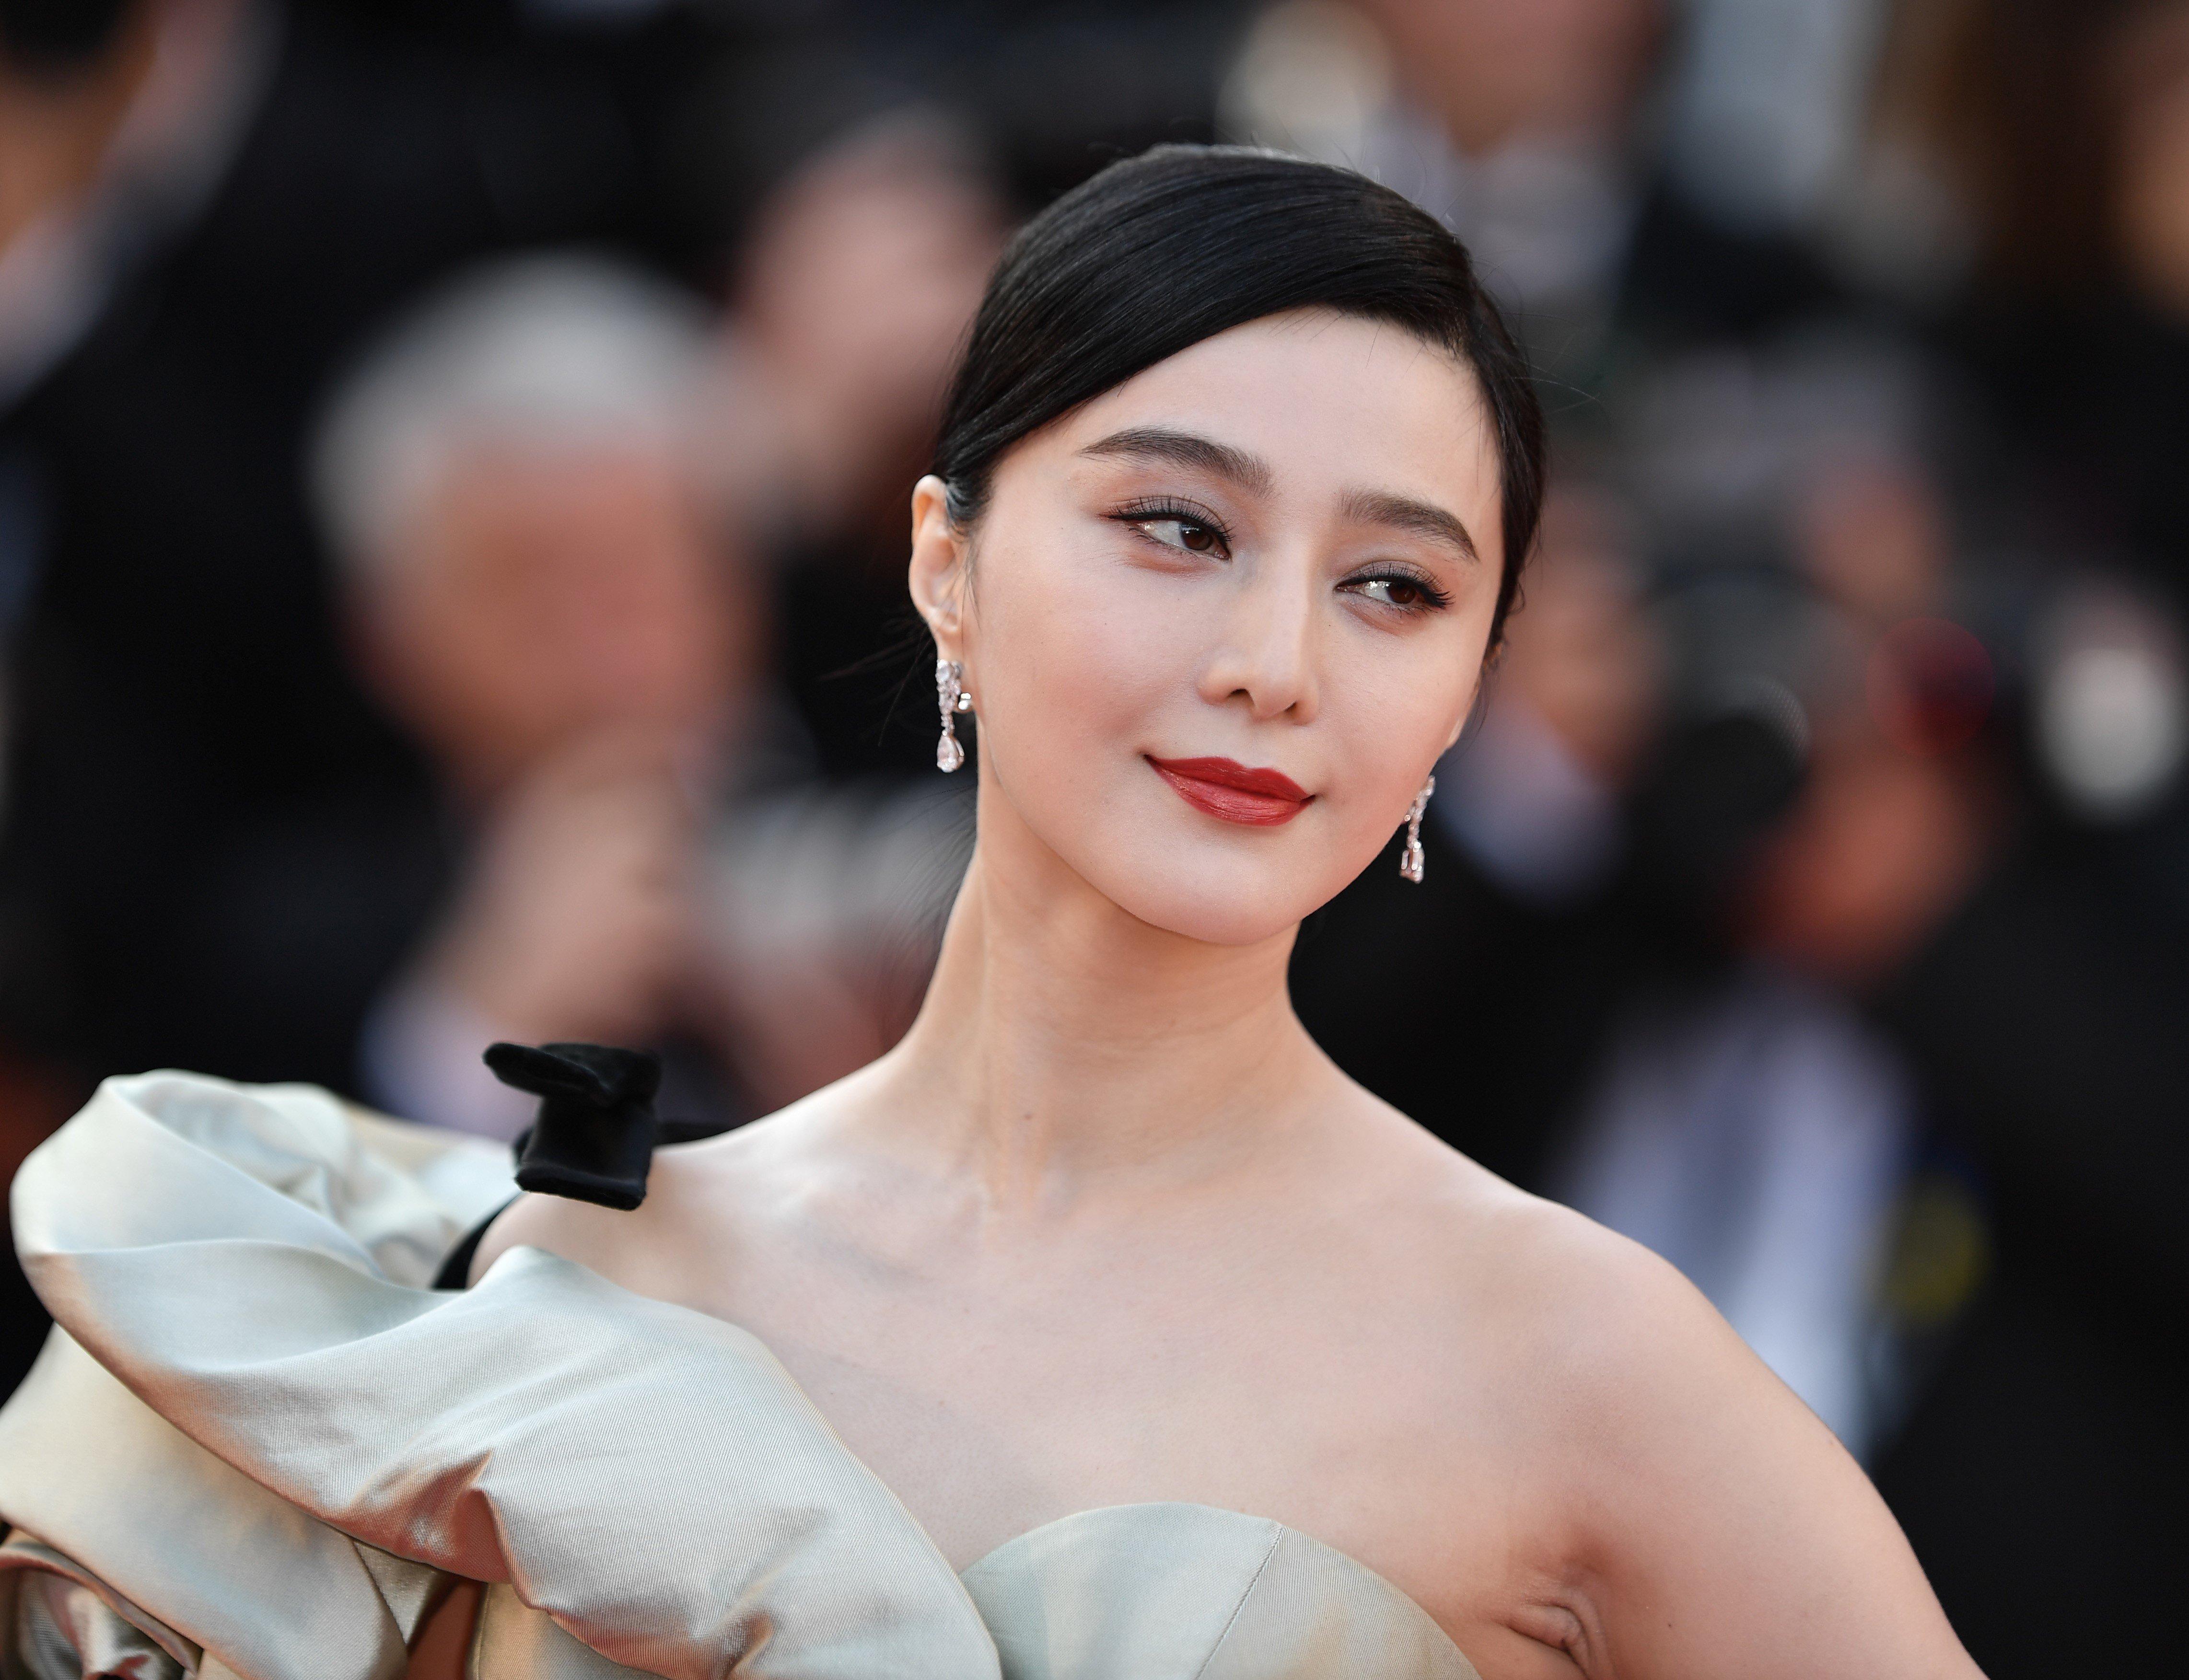 Πρόστιμο 130 εκατ. δολάρια για φοροδιαφυγή στην πιο διάσημη ηθοποιό της